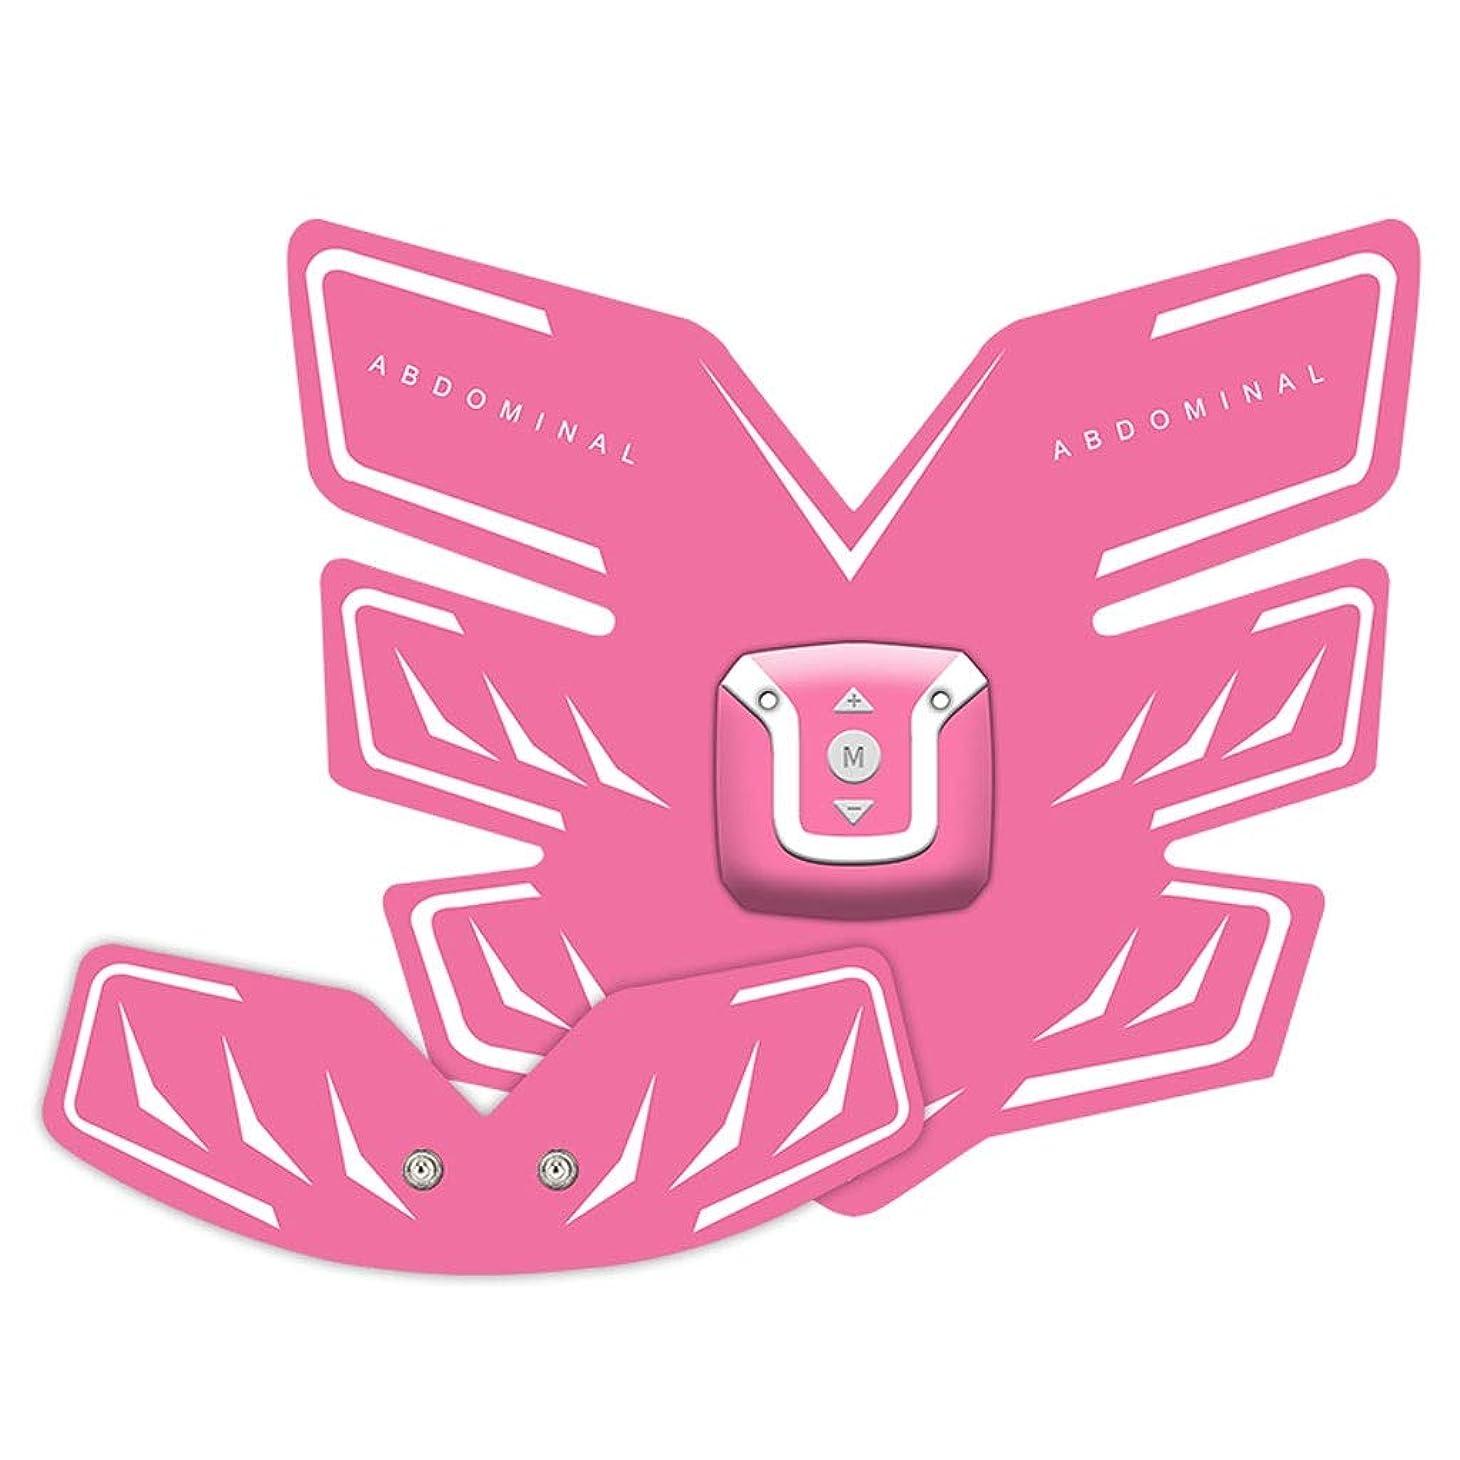 タバコよろめく柔らかいUsb充電筋肉トナー腹筋absシミュレータ腹部トレーニングワイヤレスemsトレーニングホームオフィス用腹部腕脚トレーニングホームオフィスエクササイズ (Color : Pink, Size : A+B)